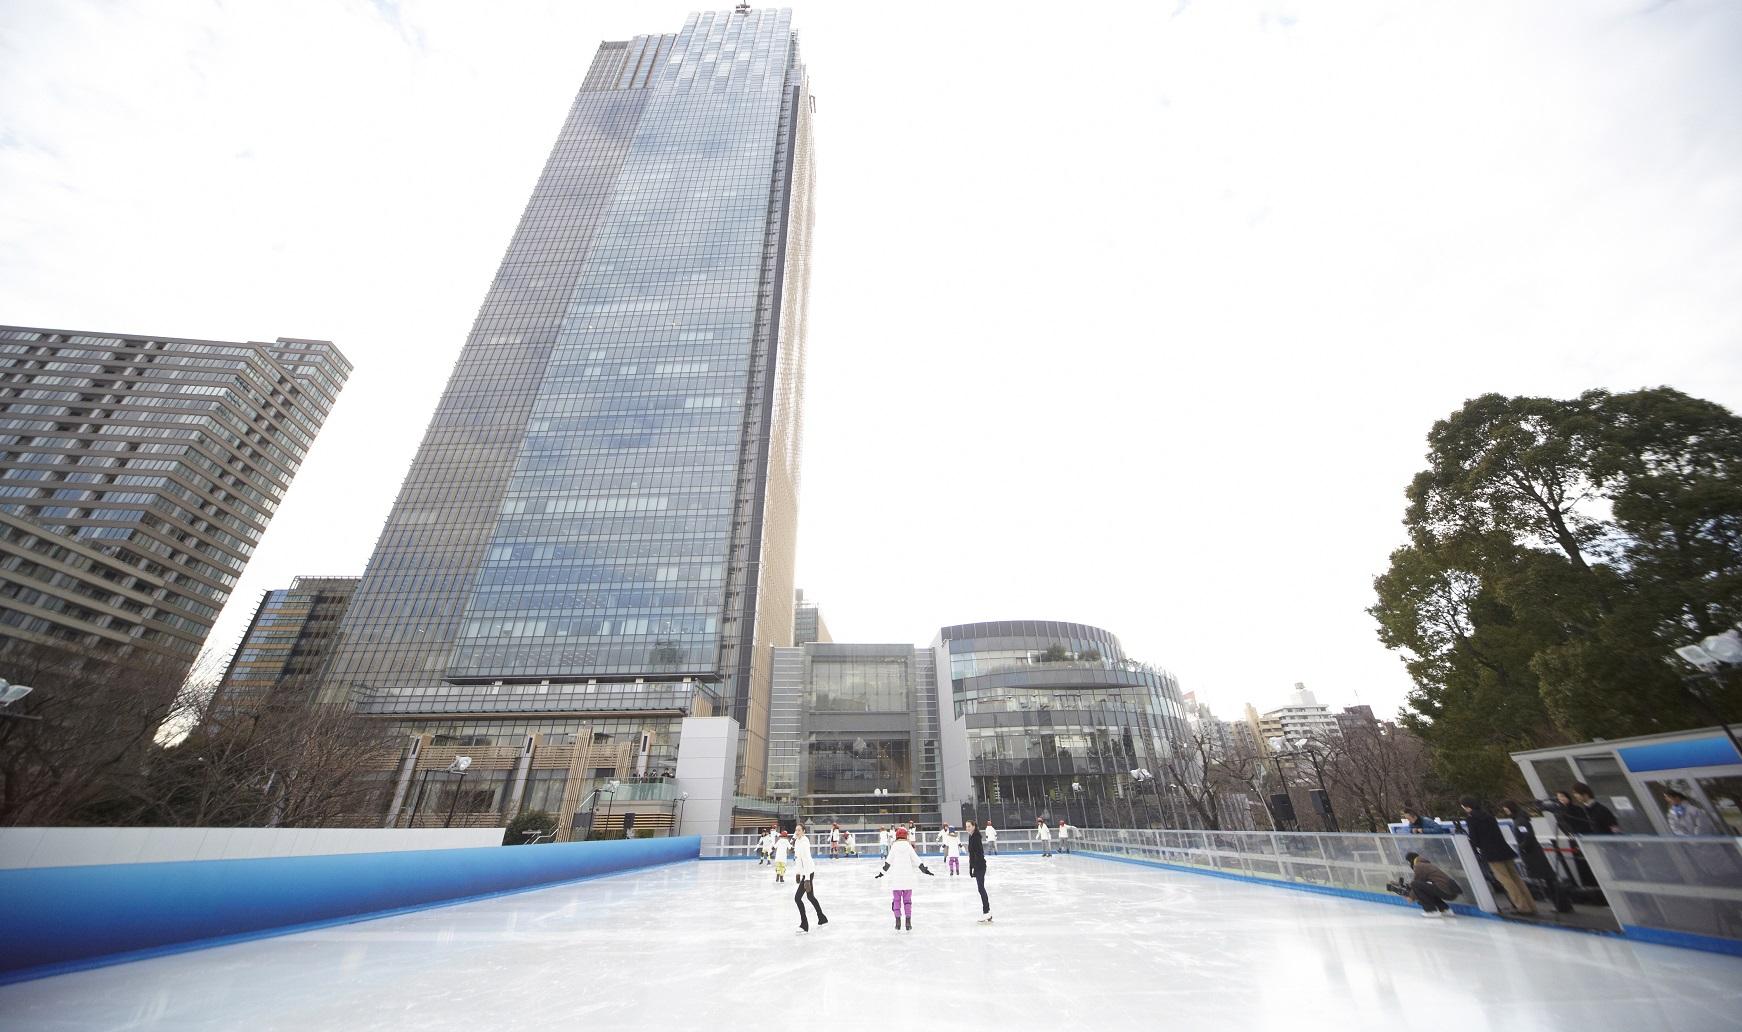 Mitsui Fudosan Ice Rink in Tokyo Midtown